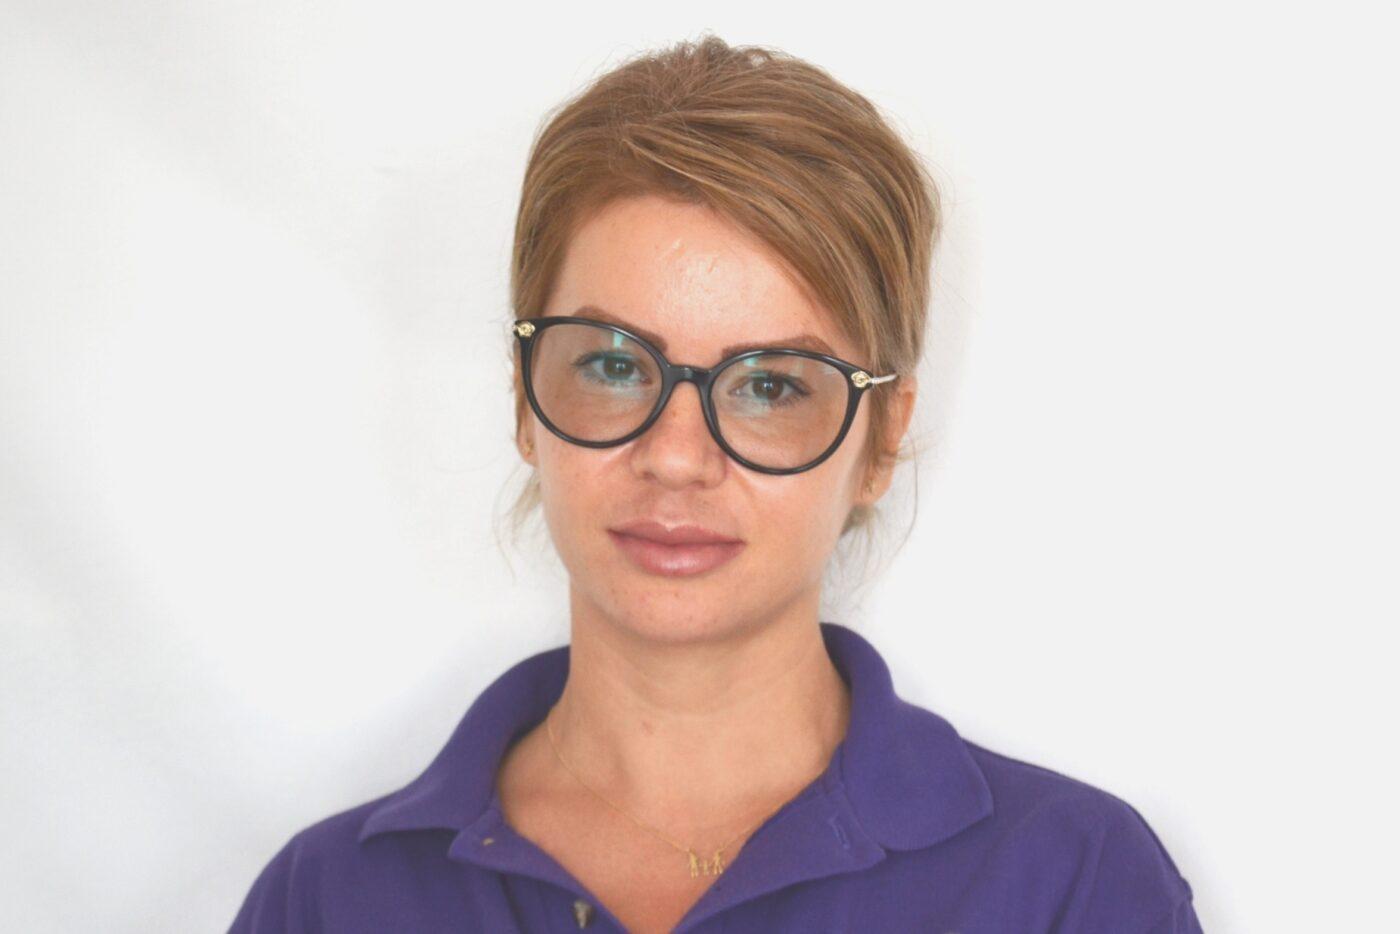 Amalia Melcescu